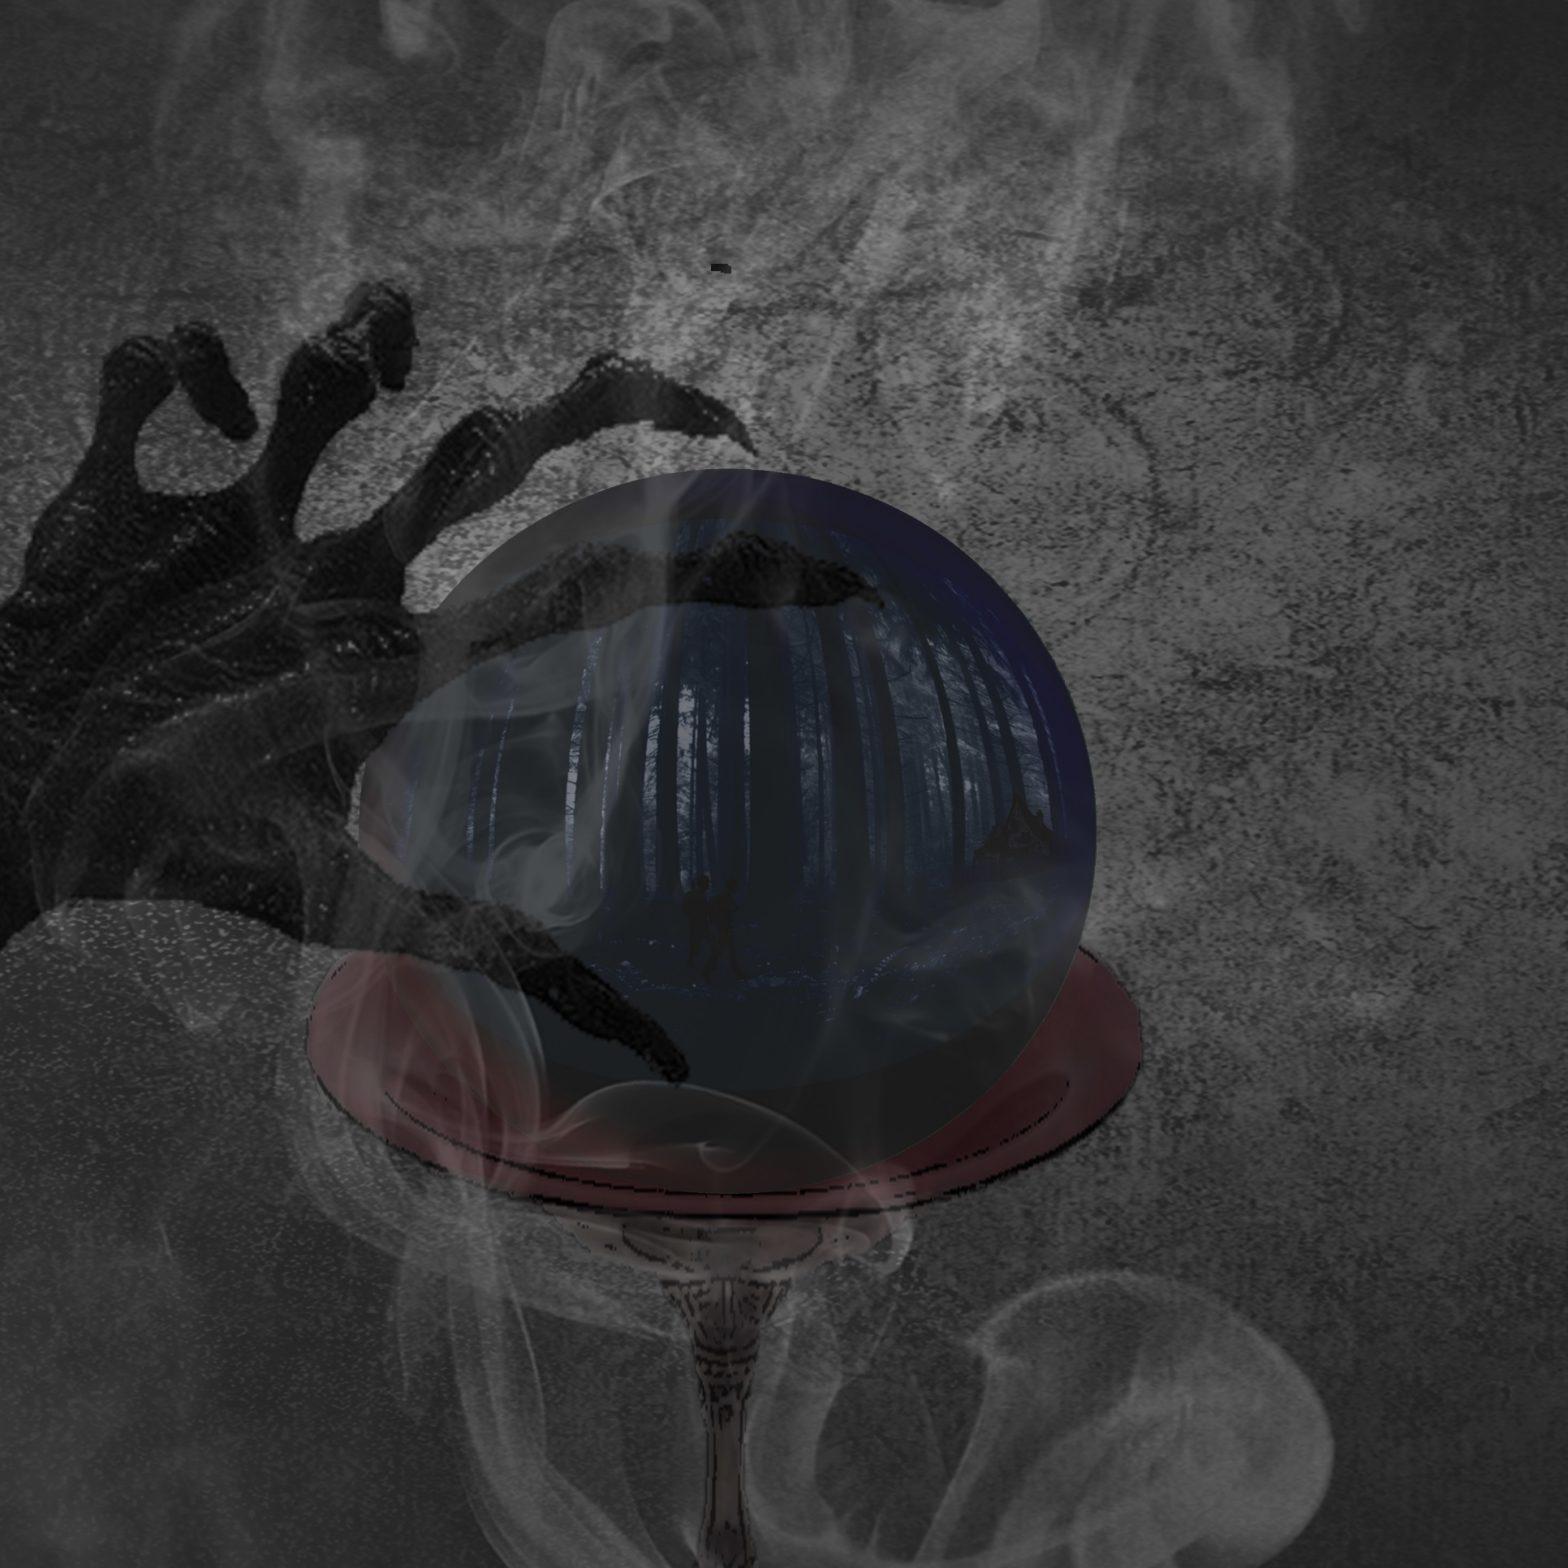 Une main décharnée posée sur une boule de cristal qui laisse voir une sombre forêt où évolue deux silhouettes d'enfants.